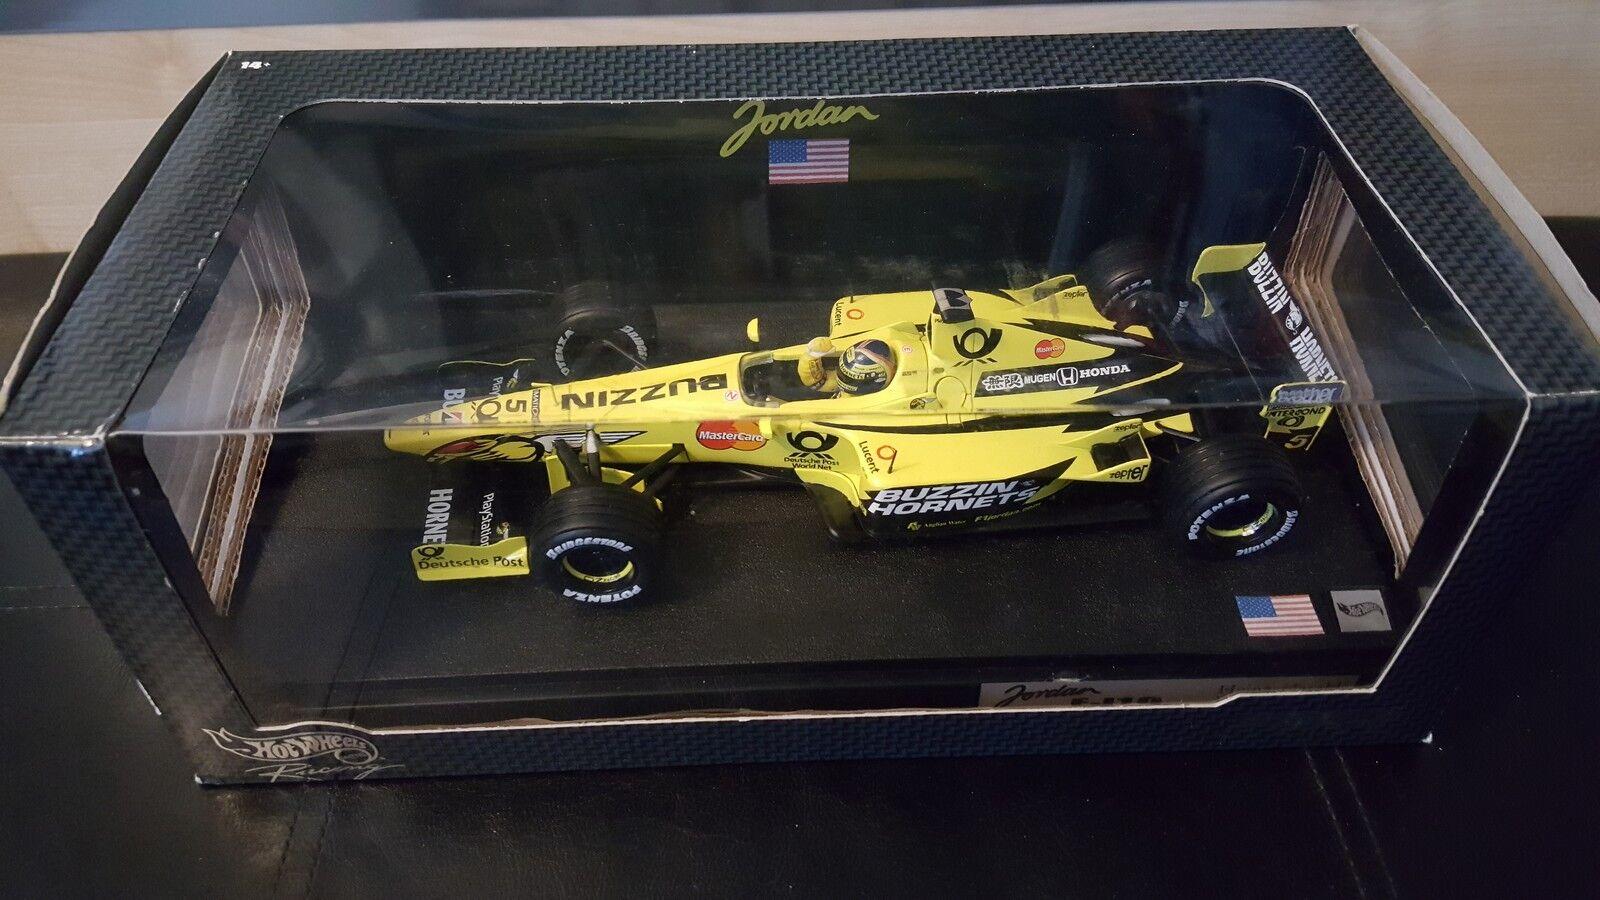 Heinz-Harald Frentzen Hotwheels Jordan Grand Prix EJ10-US - 1 18 DIE CAST MODEL.